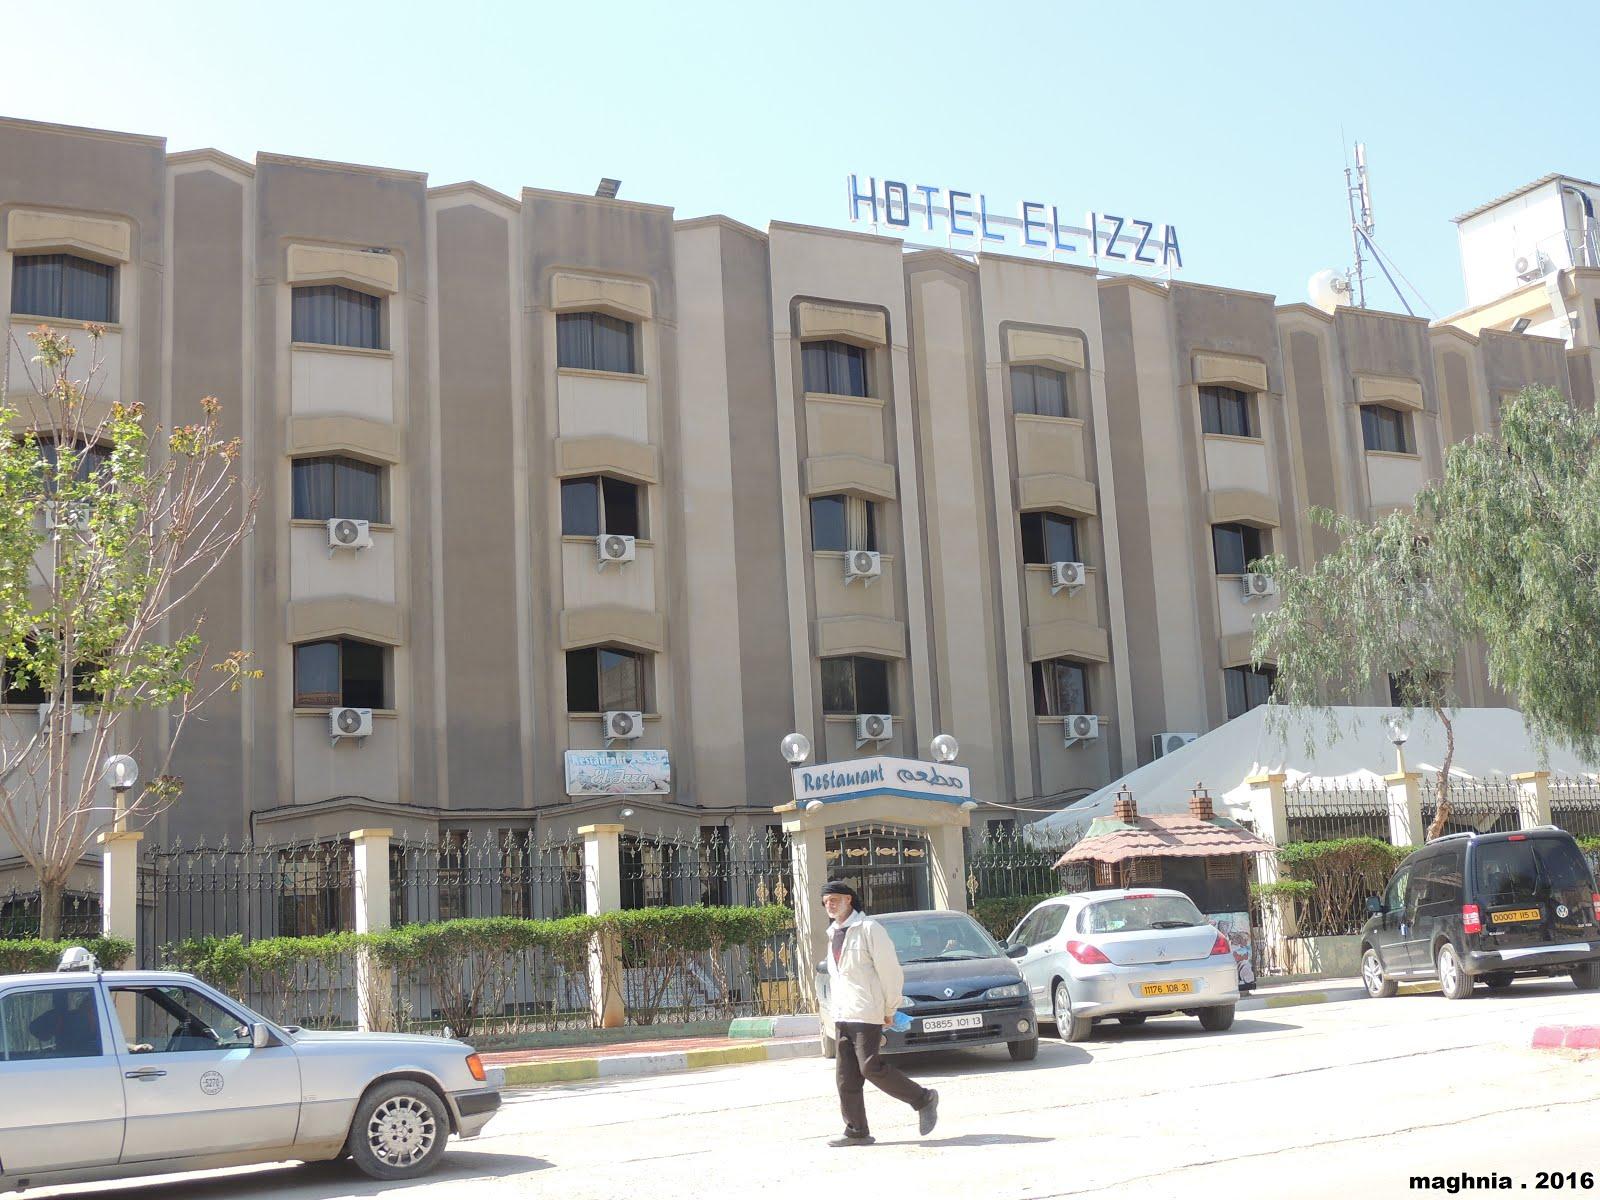 Hotel IZZA . Maghnia